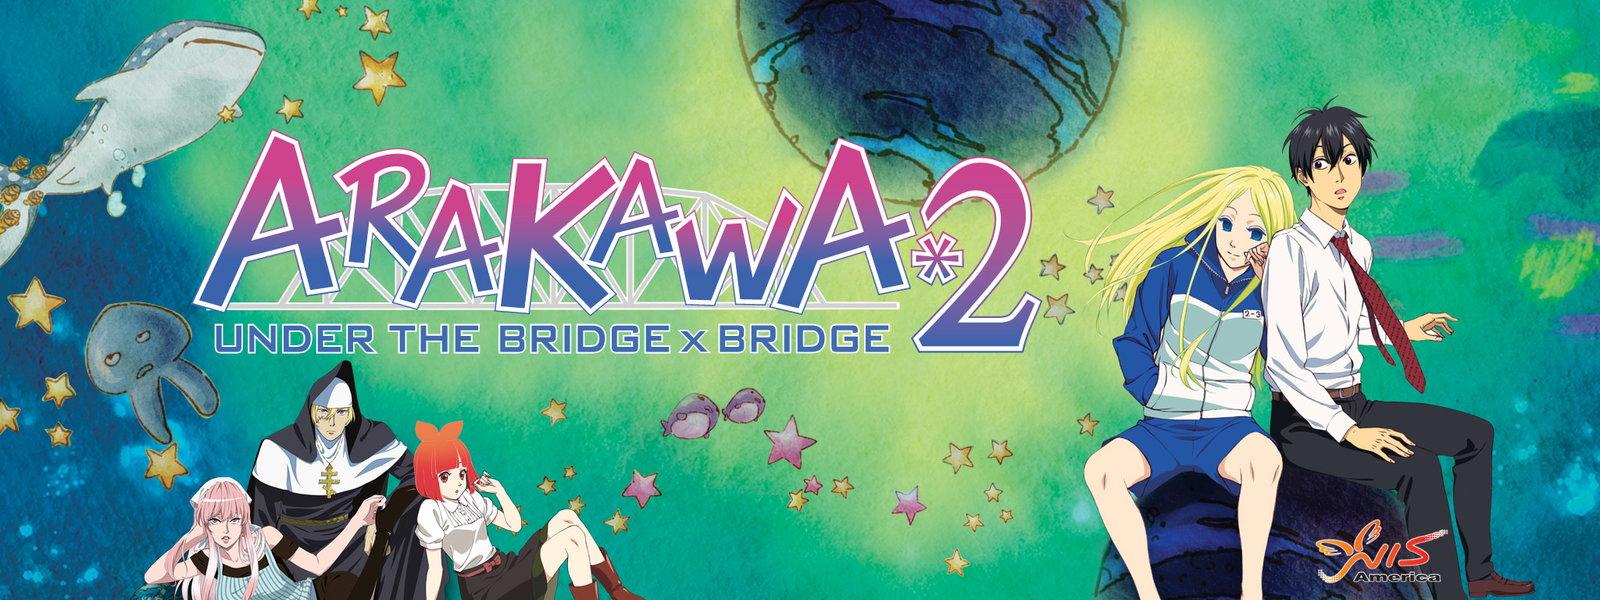 Arakawa Under The Bridge x Bridge Arakawa Under The Bridge x